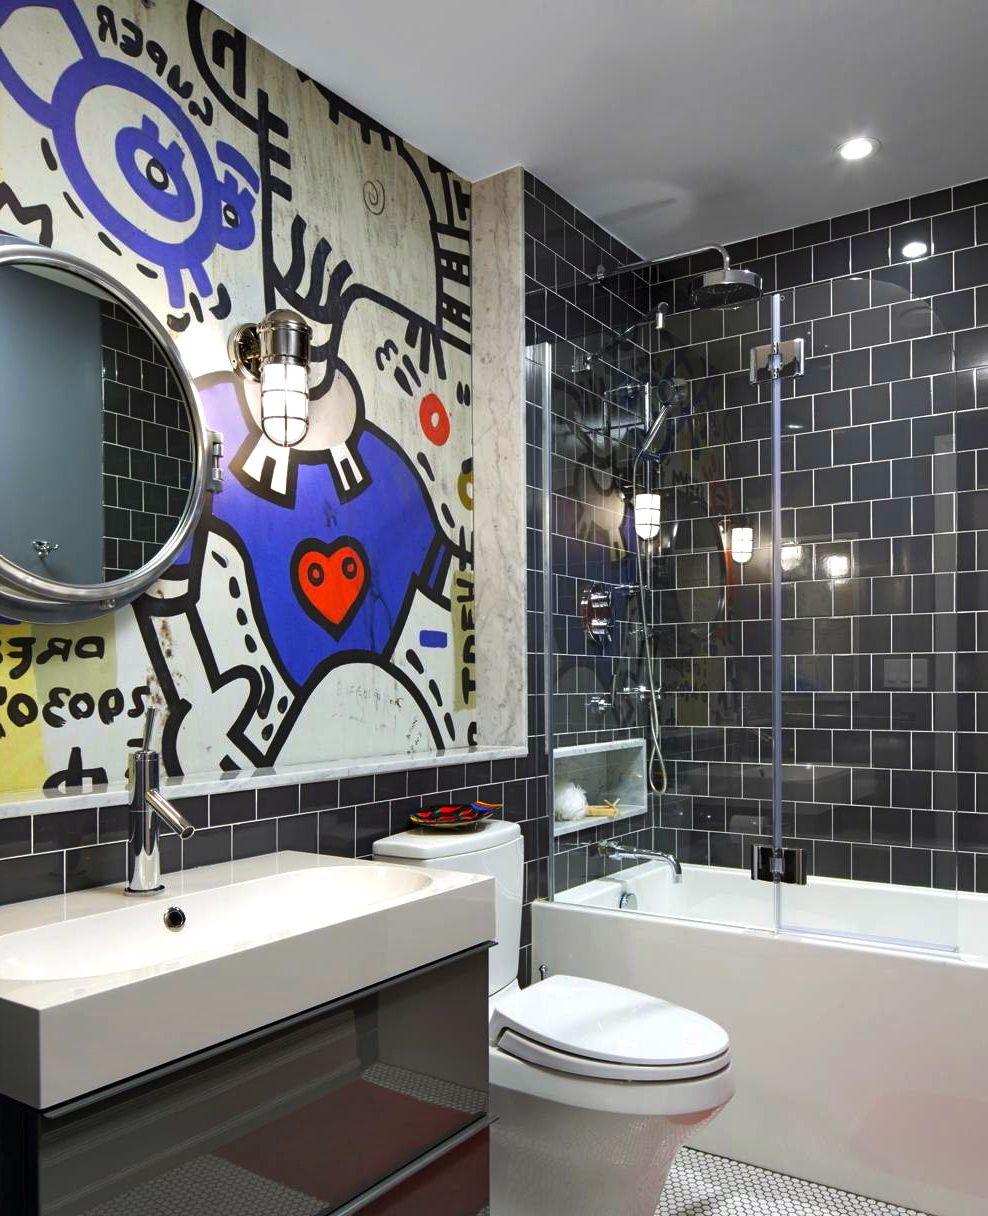 Wand Streichen Ideen Flur: 30 Wand Streichen Ideen, Die Jedes Design Dilemma Lösen